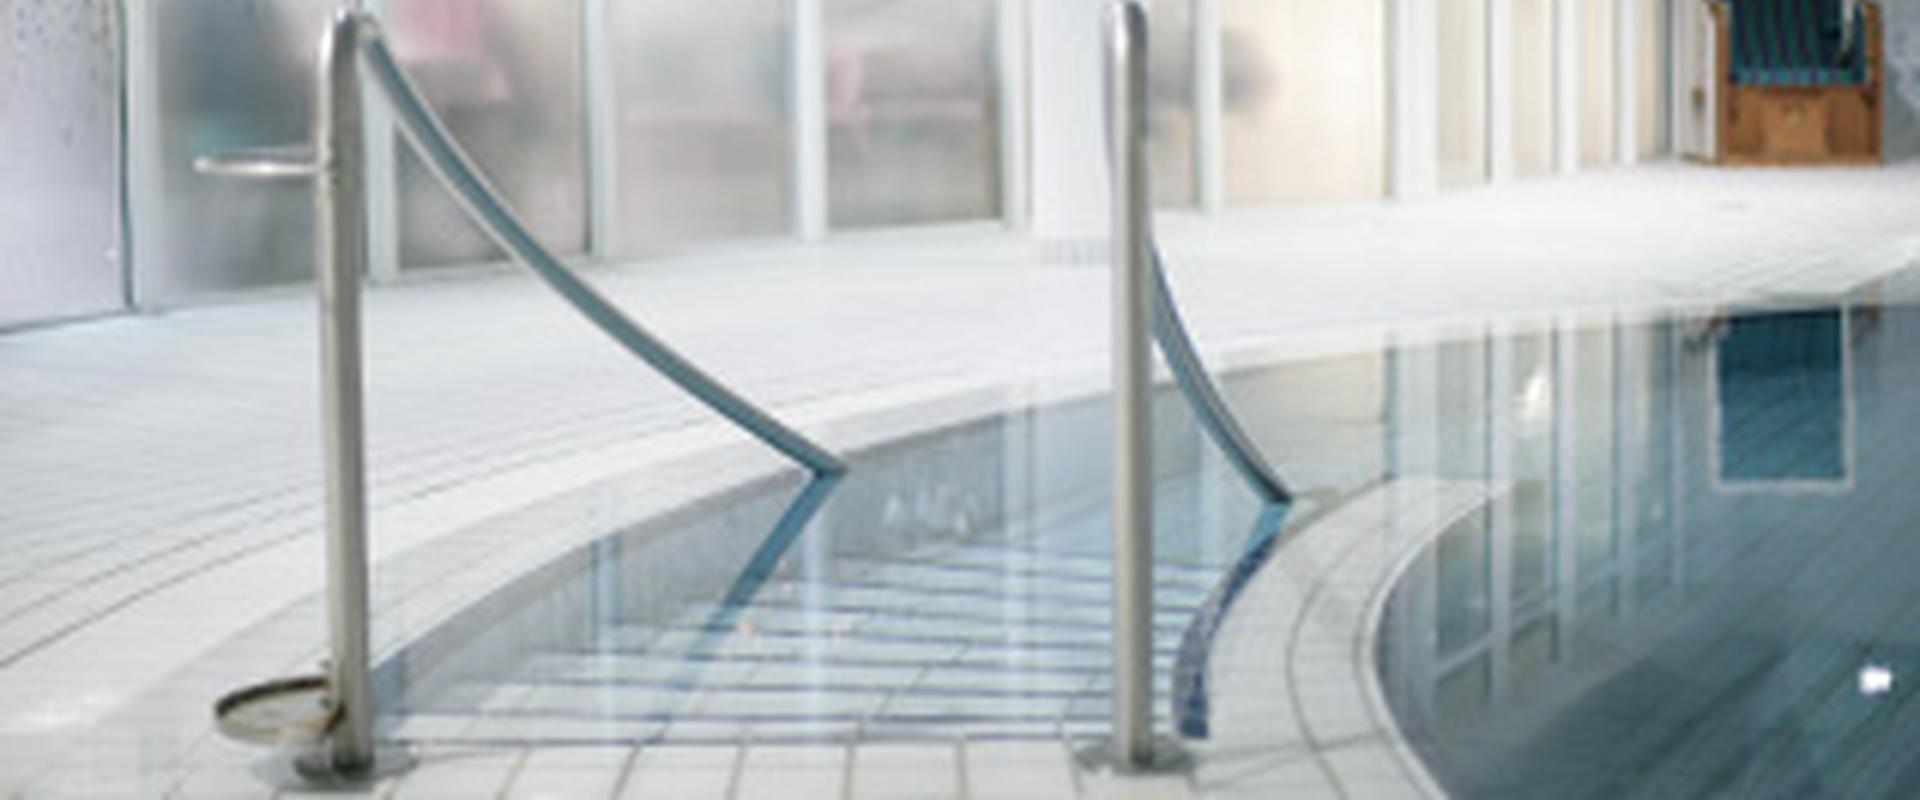 Einstieg in ein Schwimmbecken in der MEDIAN Frankenpark-Klinik Bad Kissingen